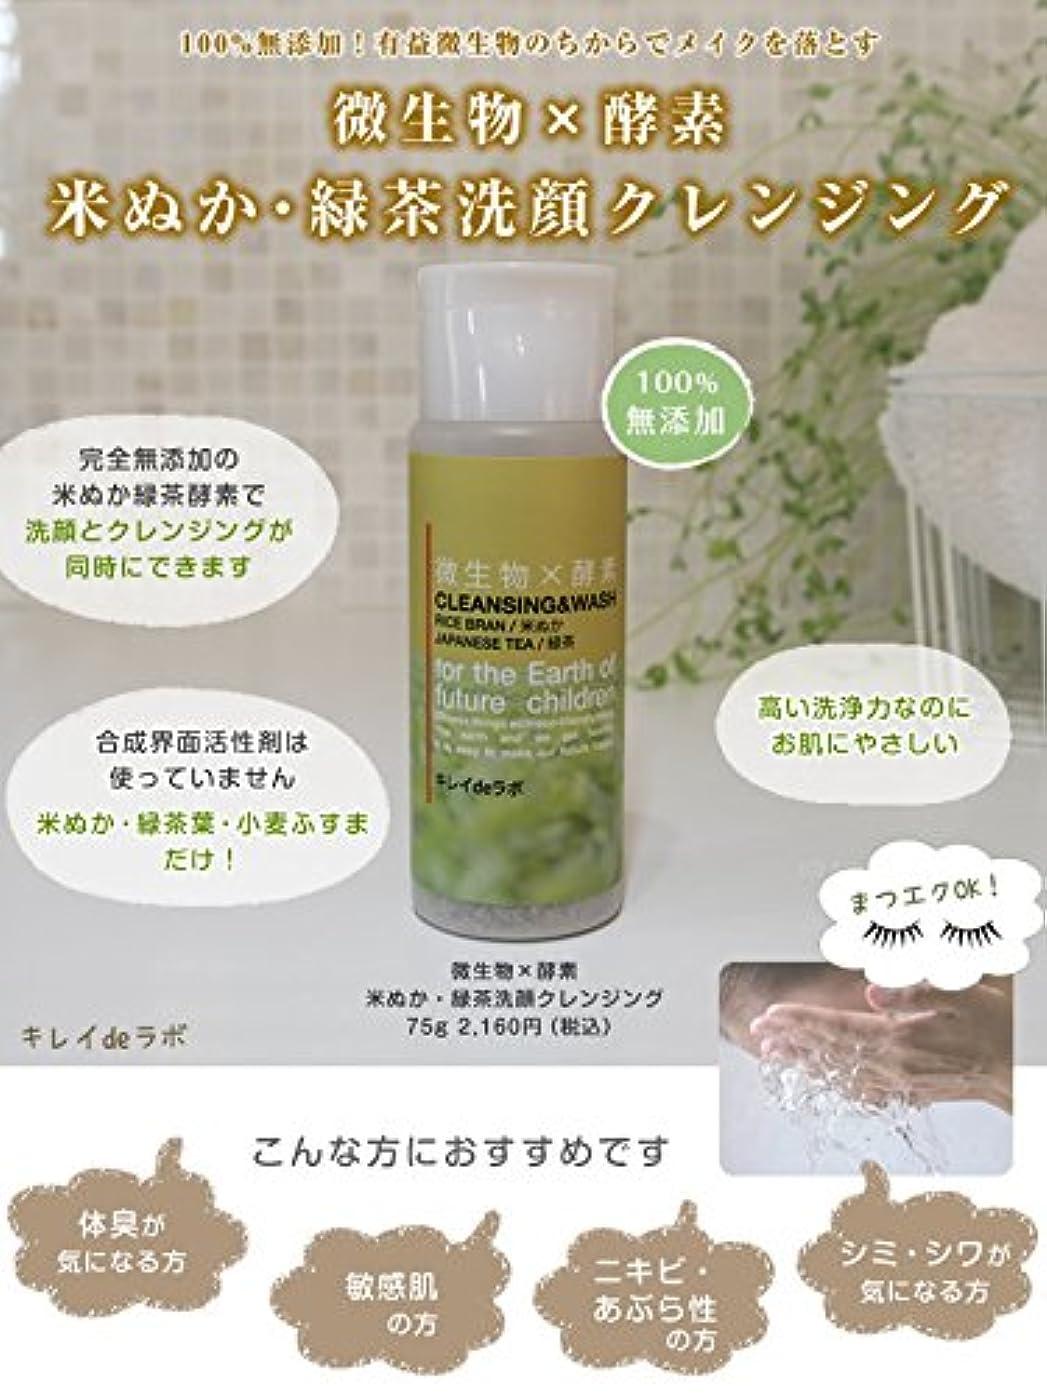 追記成熟我慢する微生物×酵素 米ぬか緑茶洗顔クレンジング100%無添加 マツエクOK … (本体 75g) みんなでみらいを 米ぬか使用